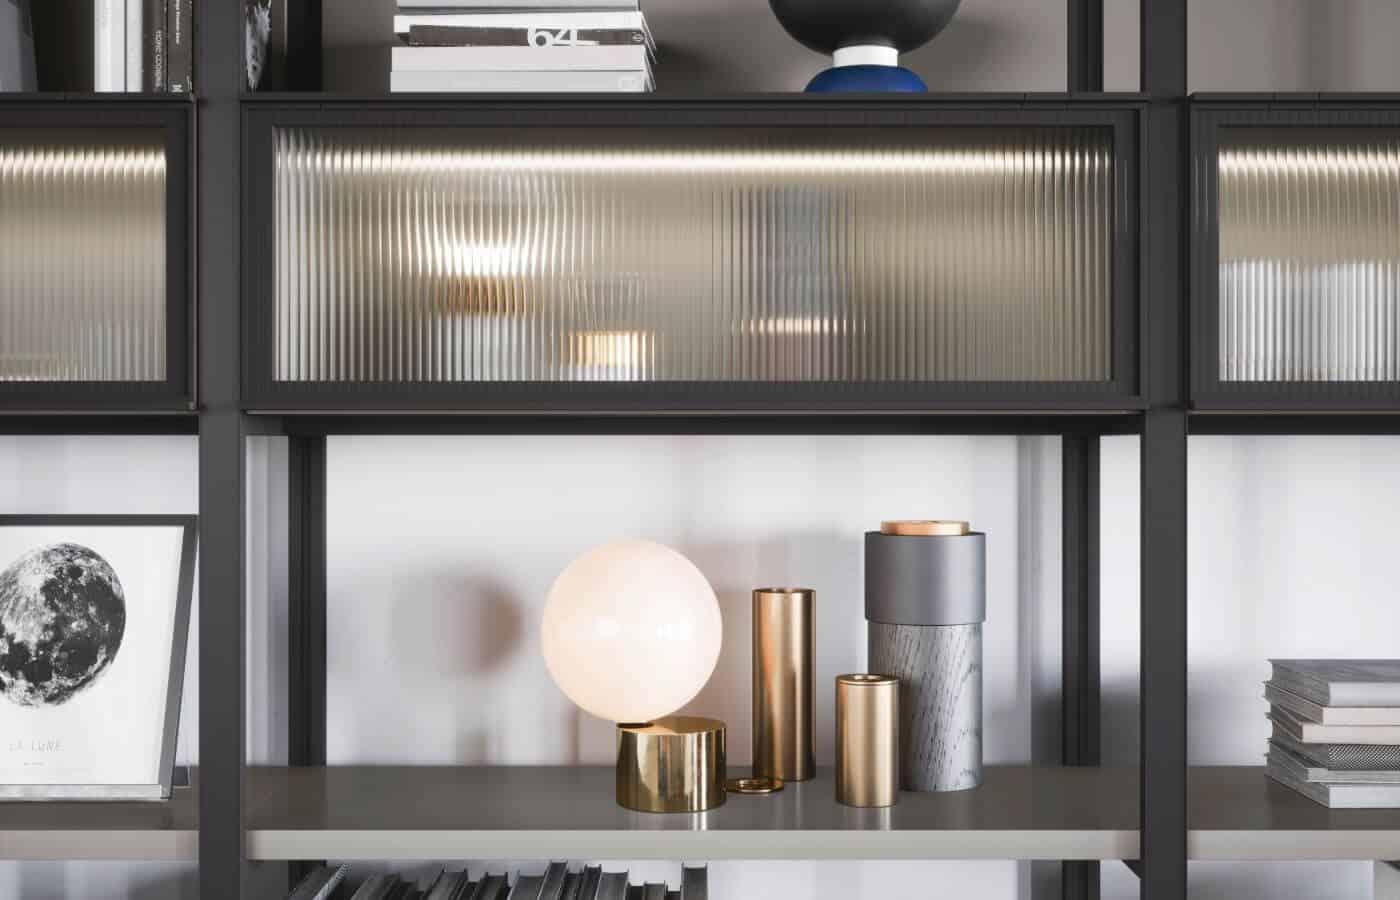 libreria-collezione-robinia-il-mobile (4)